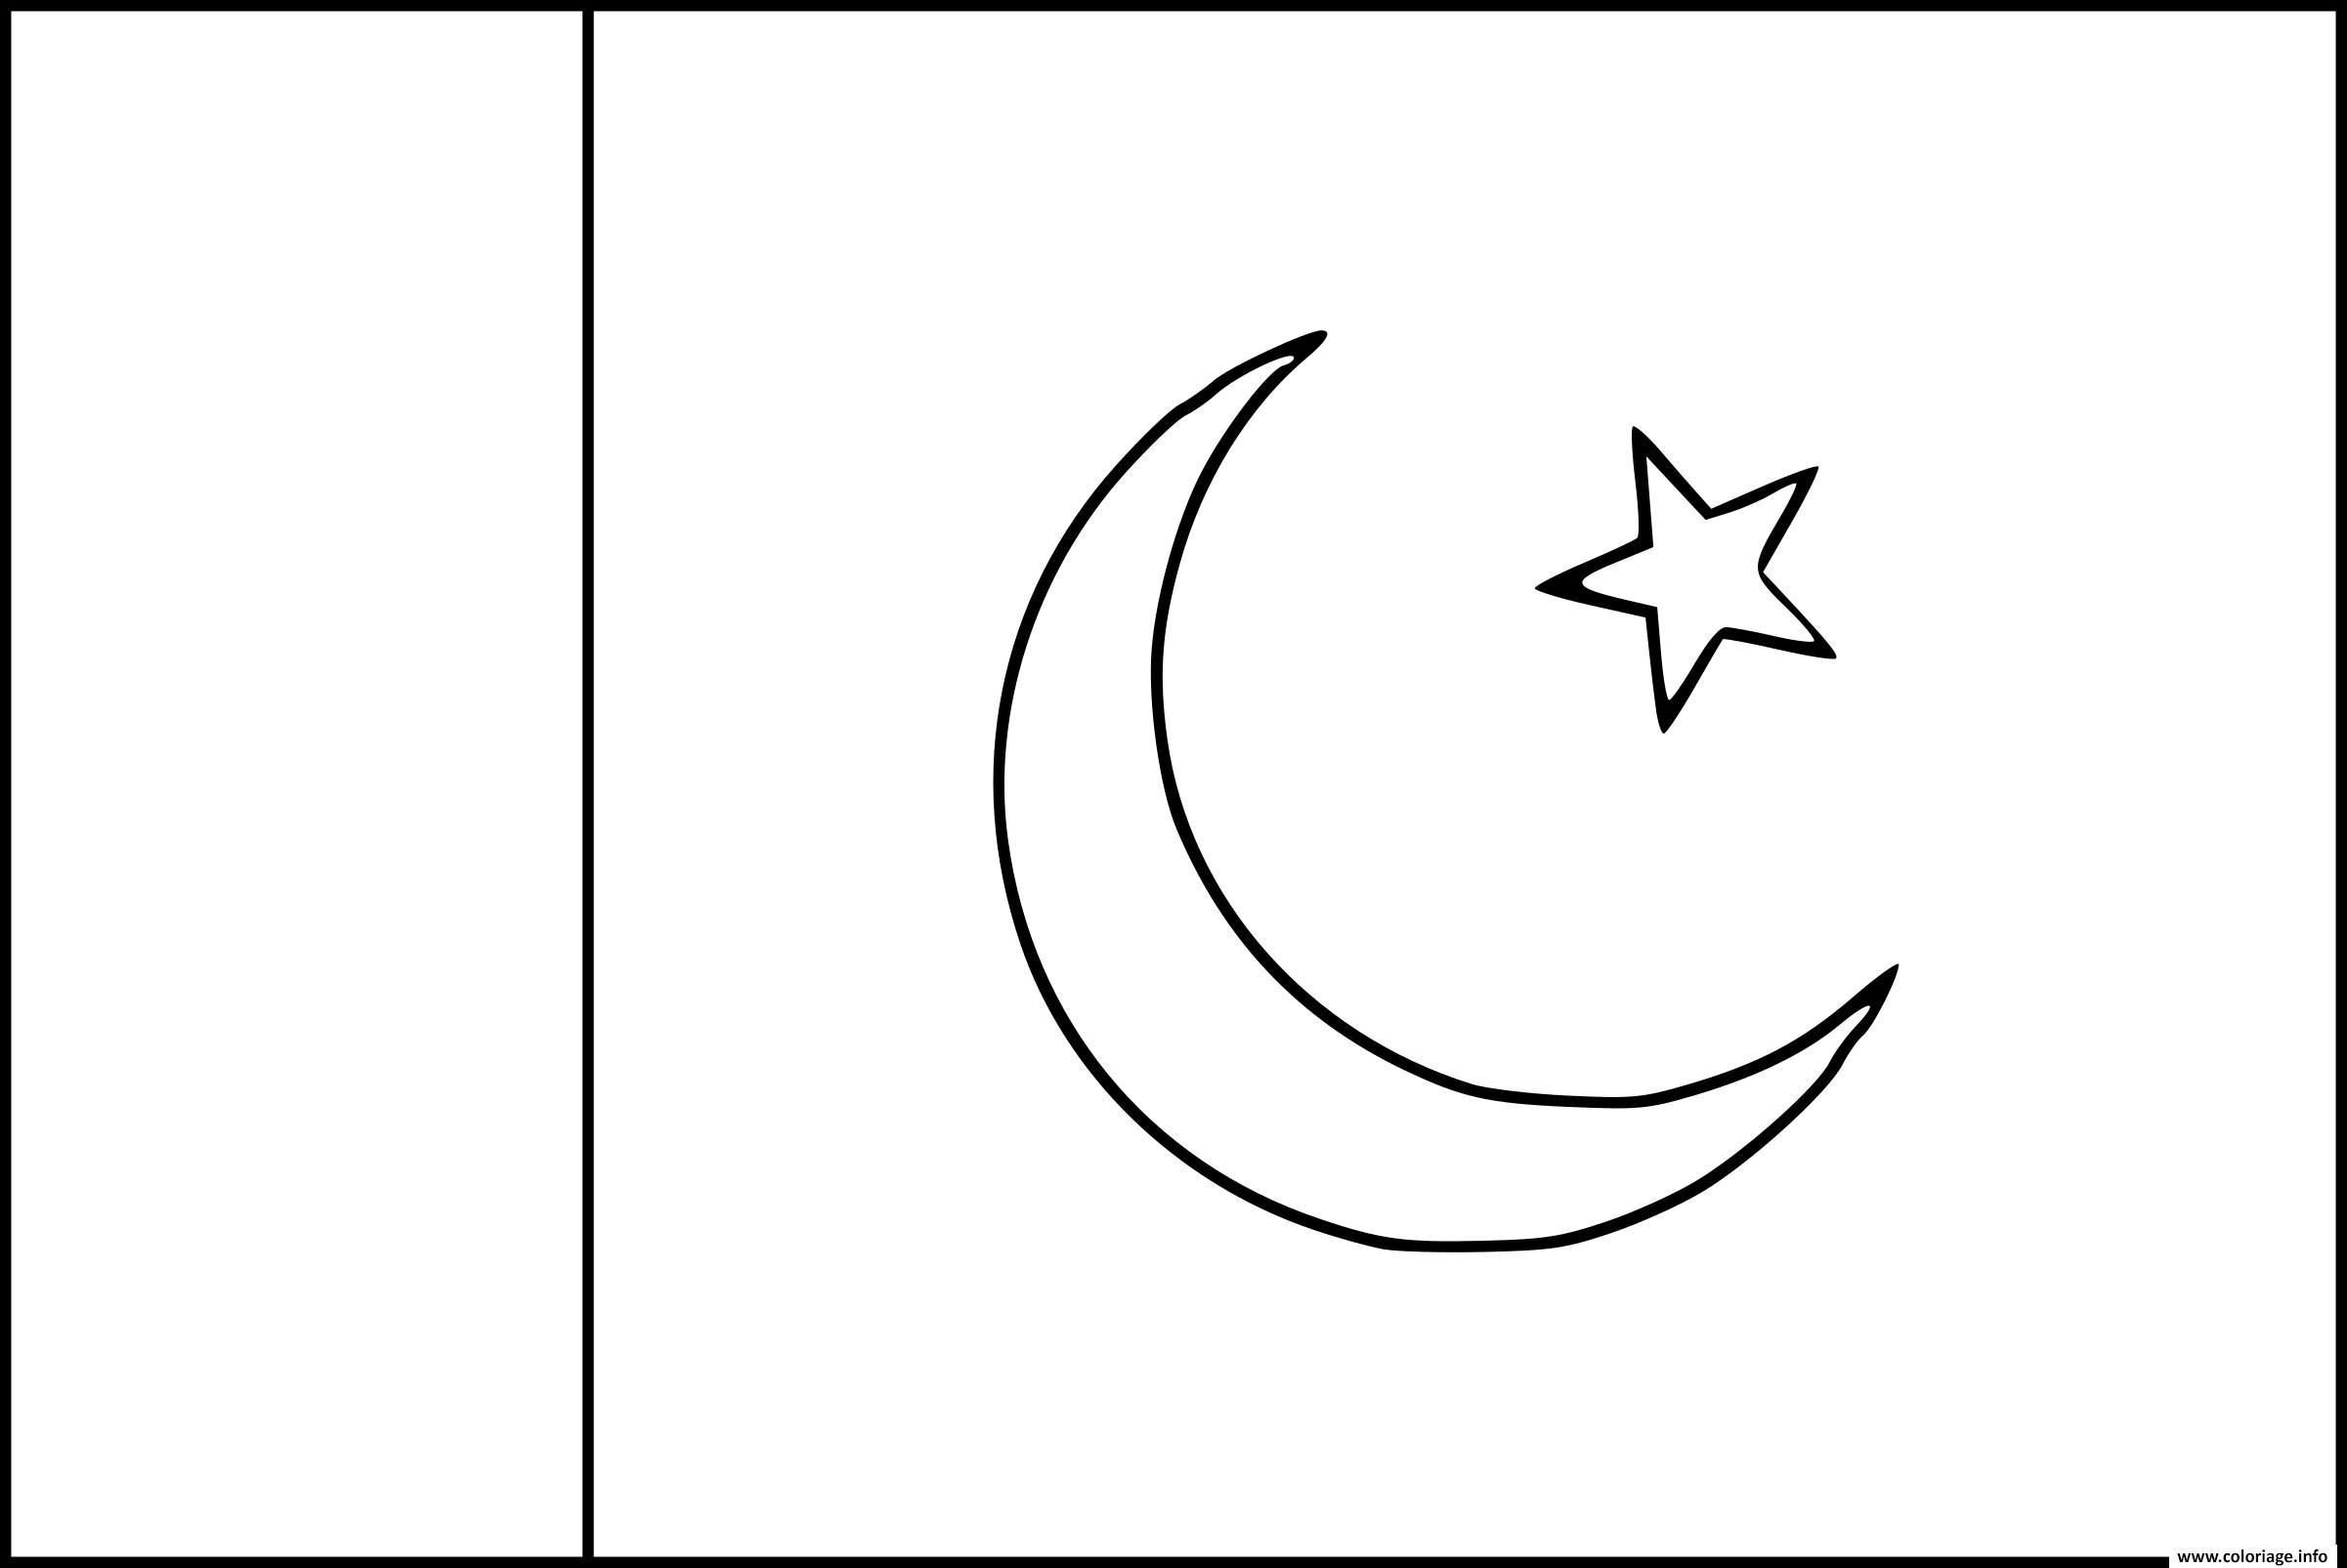 Coloriage drapeau pakistan dessin - Coloriage magique vierge ...